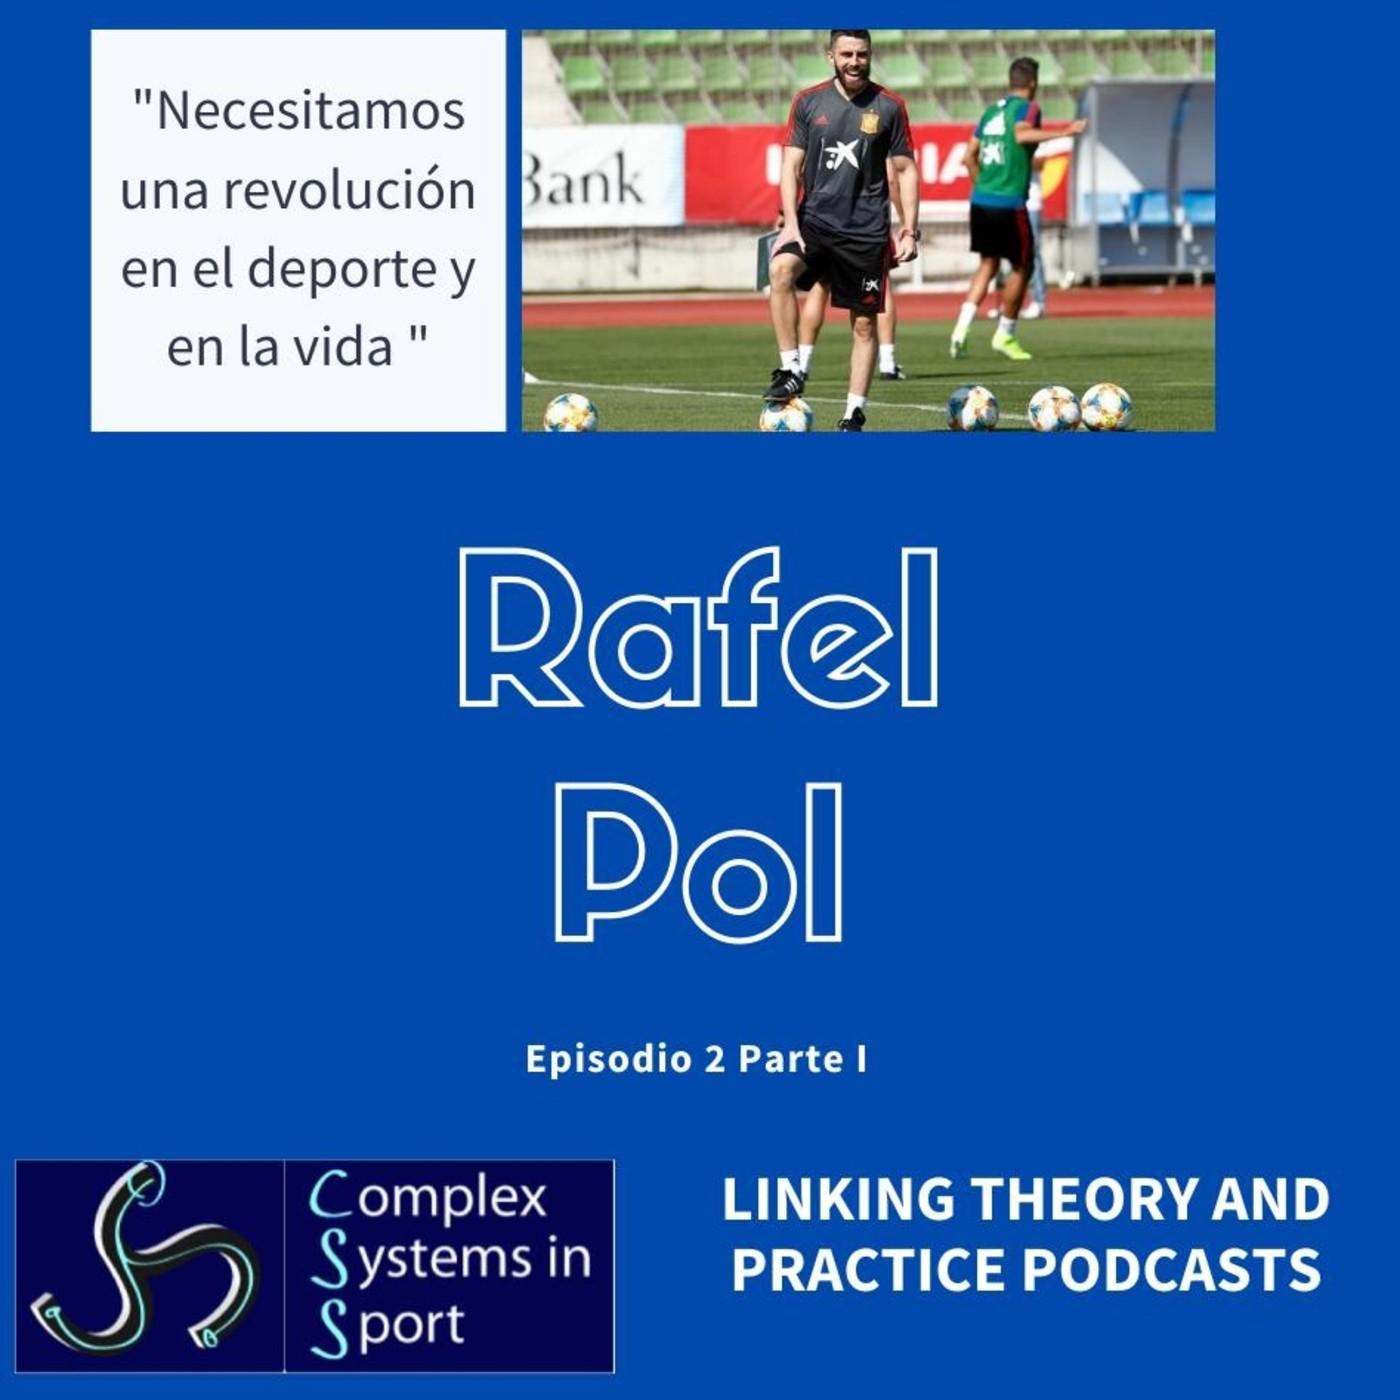 """Rafel Pol: """"Necesitamos una revolución en el deporte y en la vida"""""""